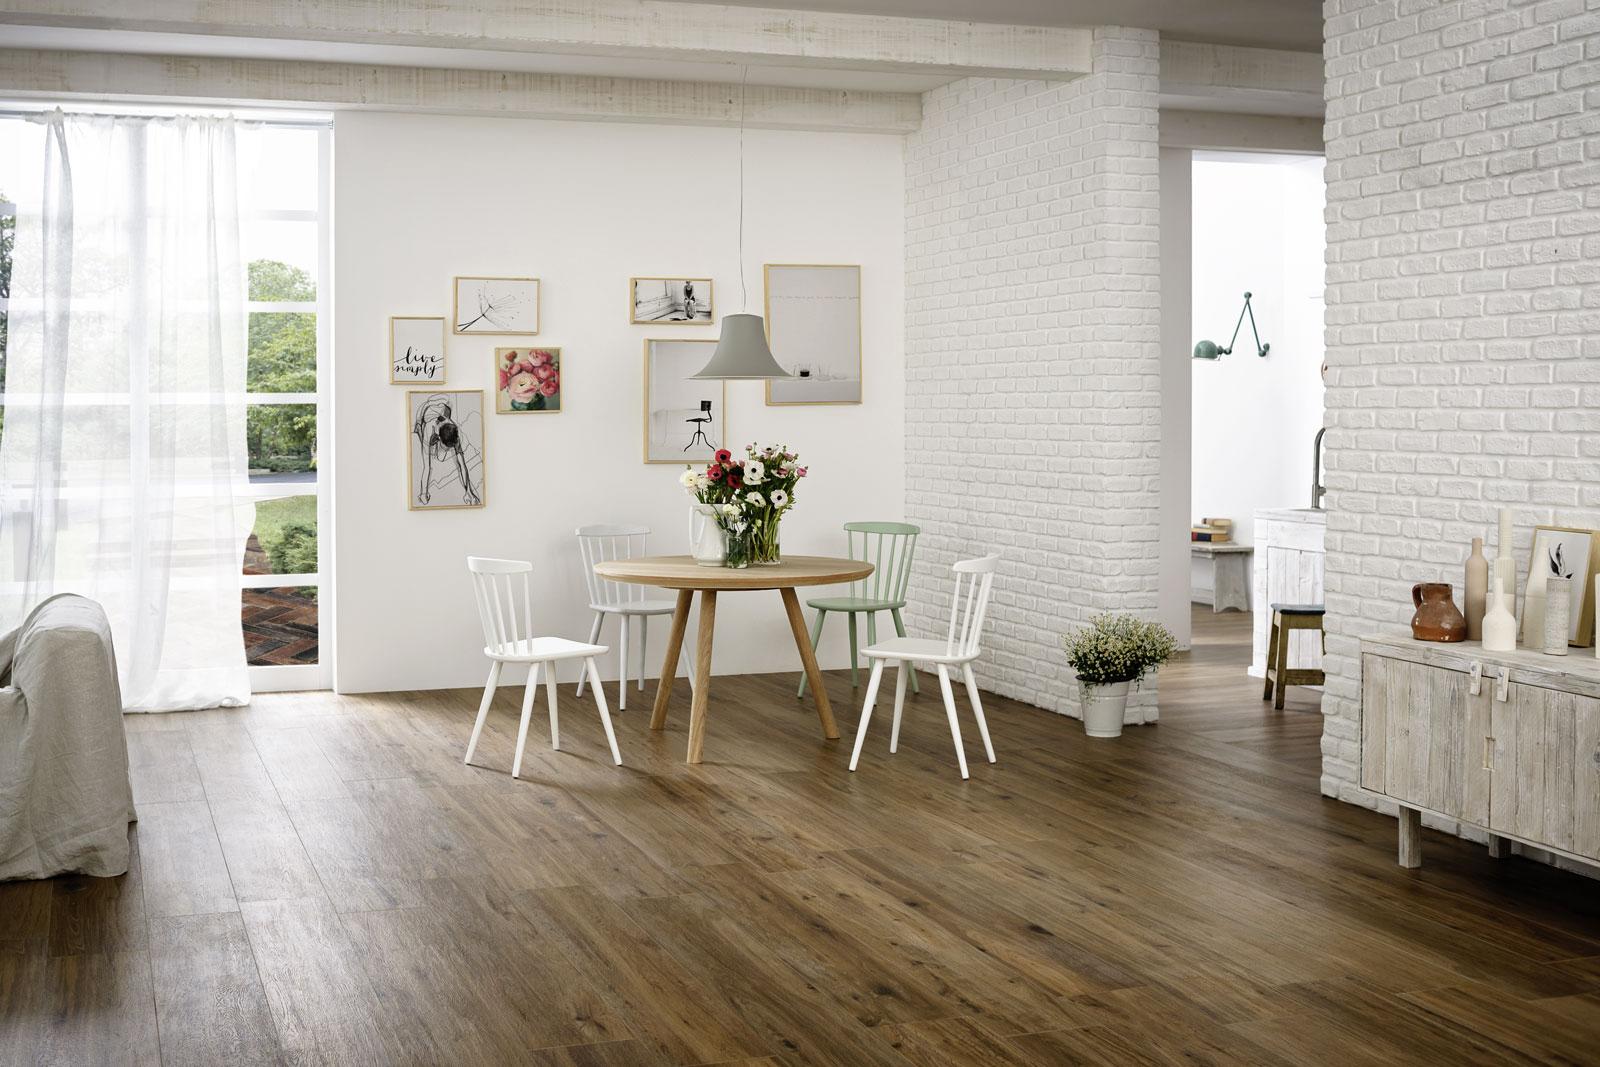 bagno con pavimento in cotto: pavimento scuro arredamento: forum ... - Bagno Con Gres Effetto Legno